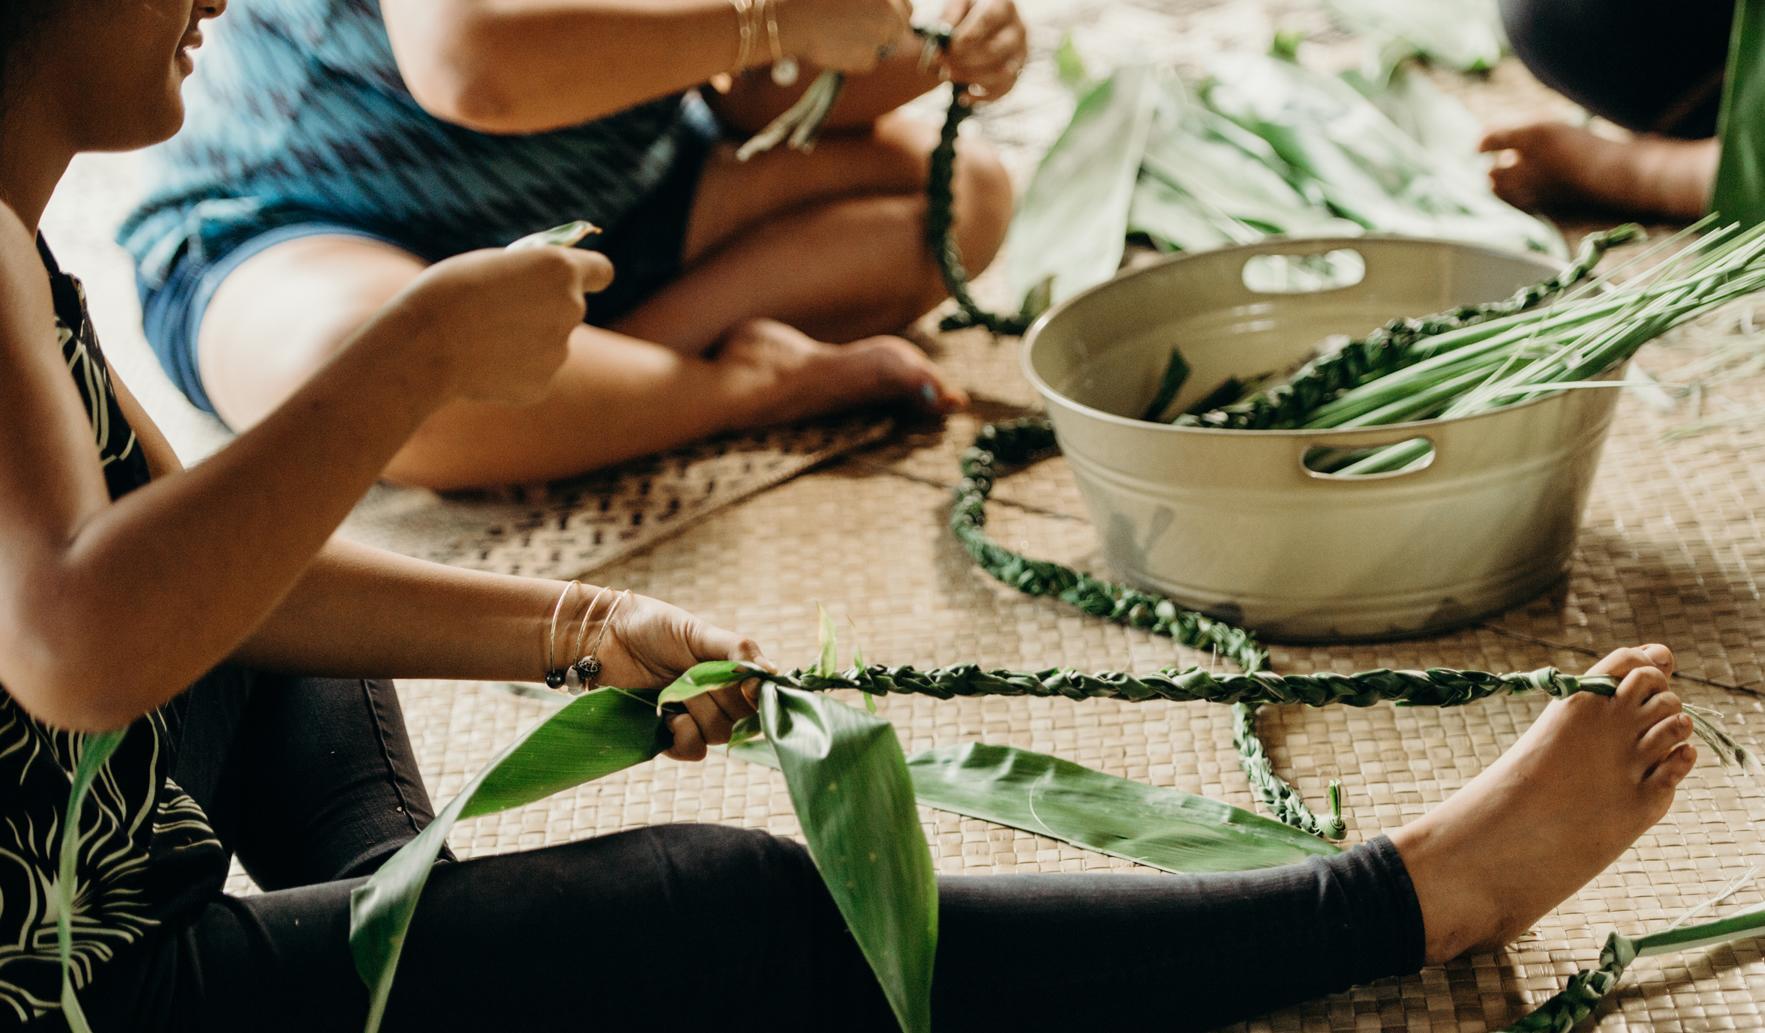 Maui artisans working